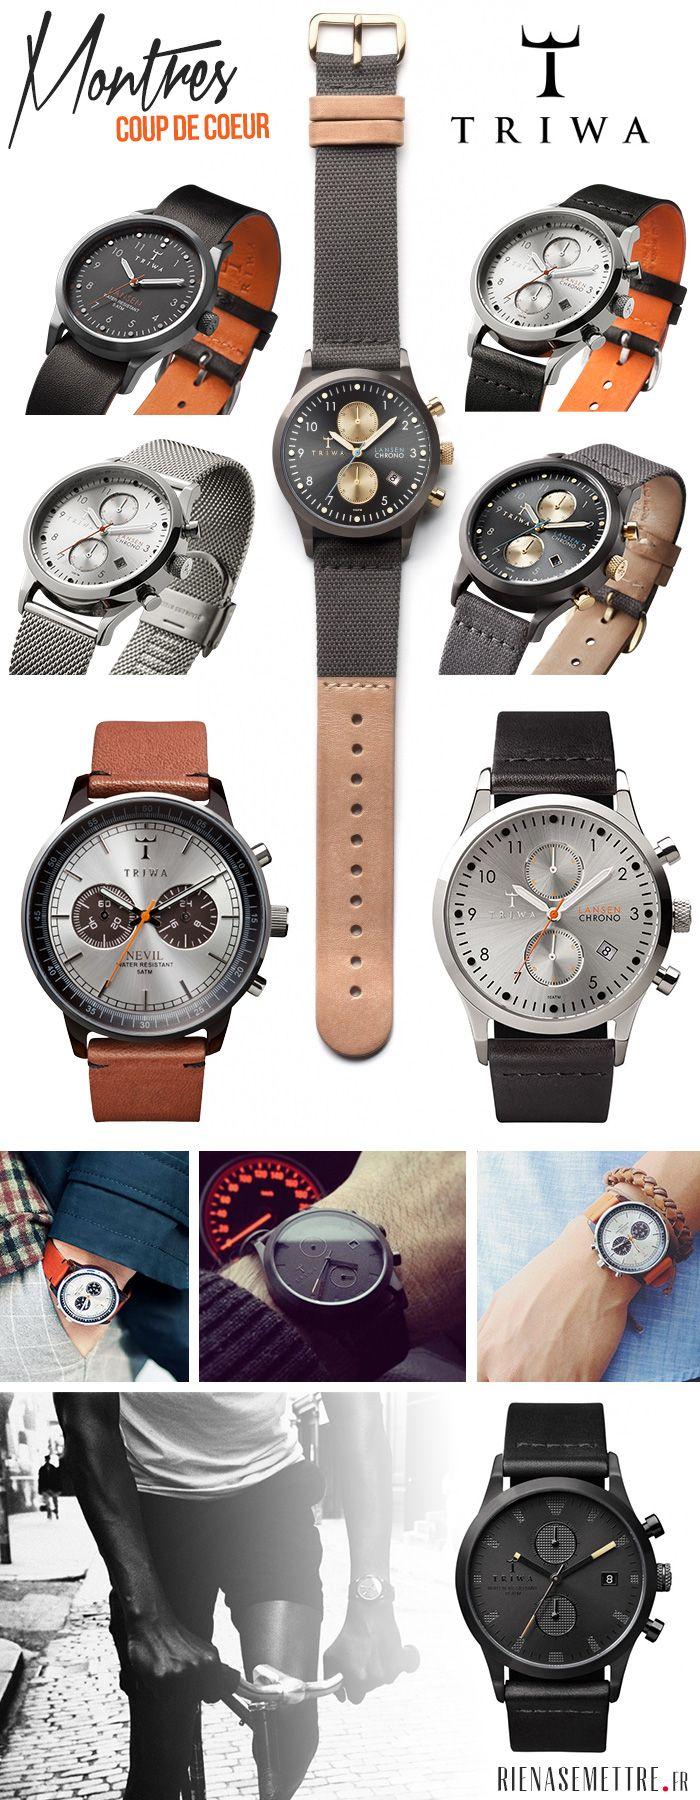 Montres Coup de Coeur : Les montres TRIWA pour Homme sont élégantes et ont beacoup de style. Découvrez nos montres préférées !